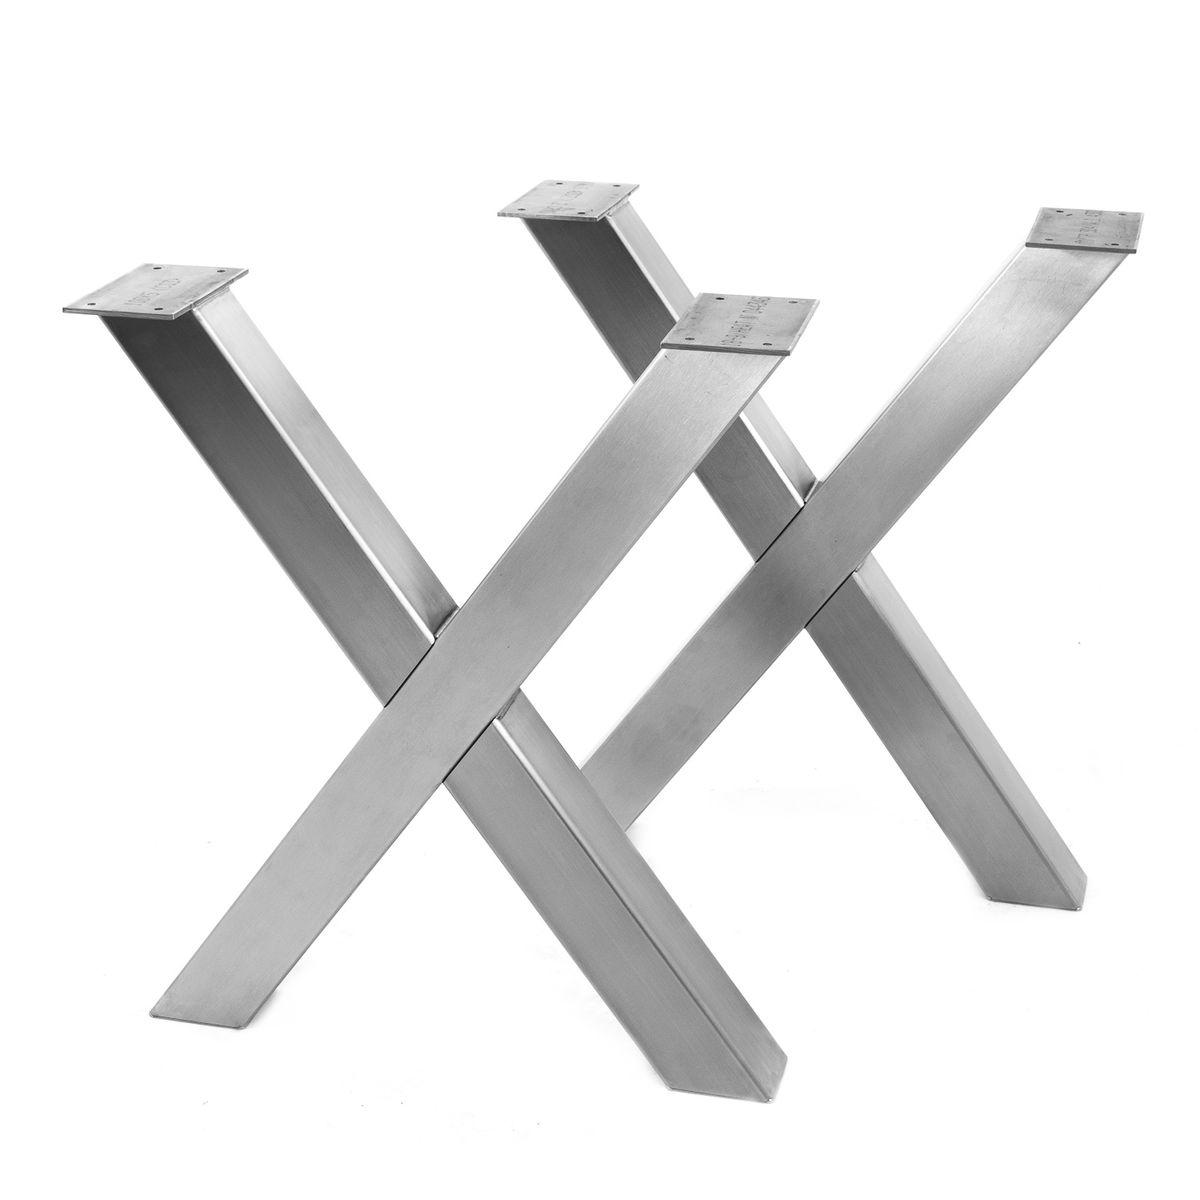 Edelstahl Tischbeine gebürstet X-Form 100 x 100 mm